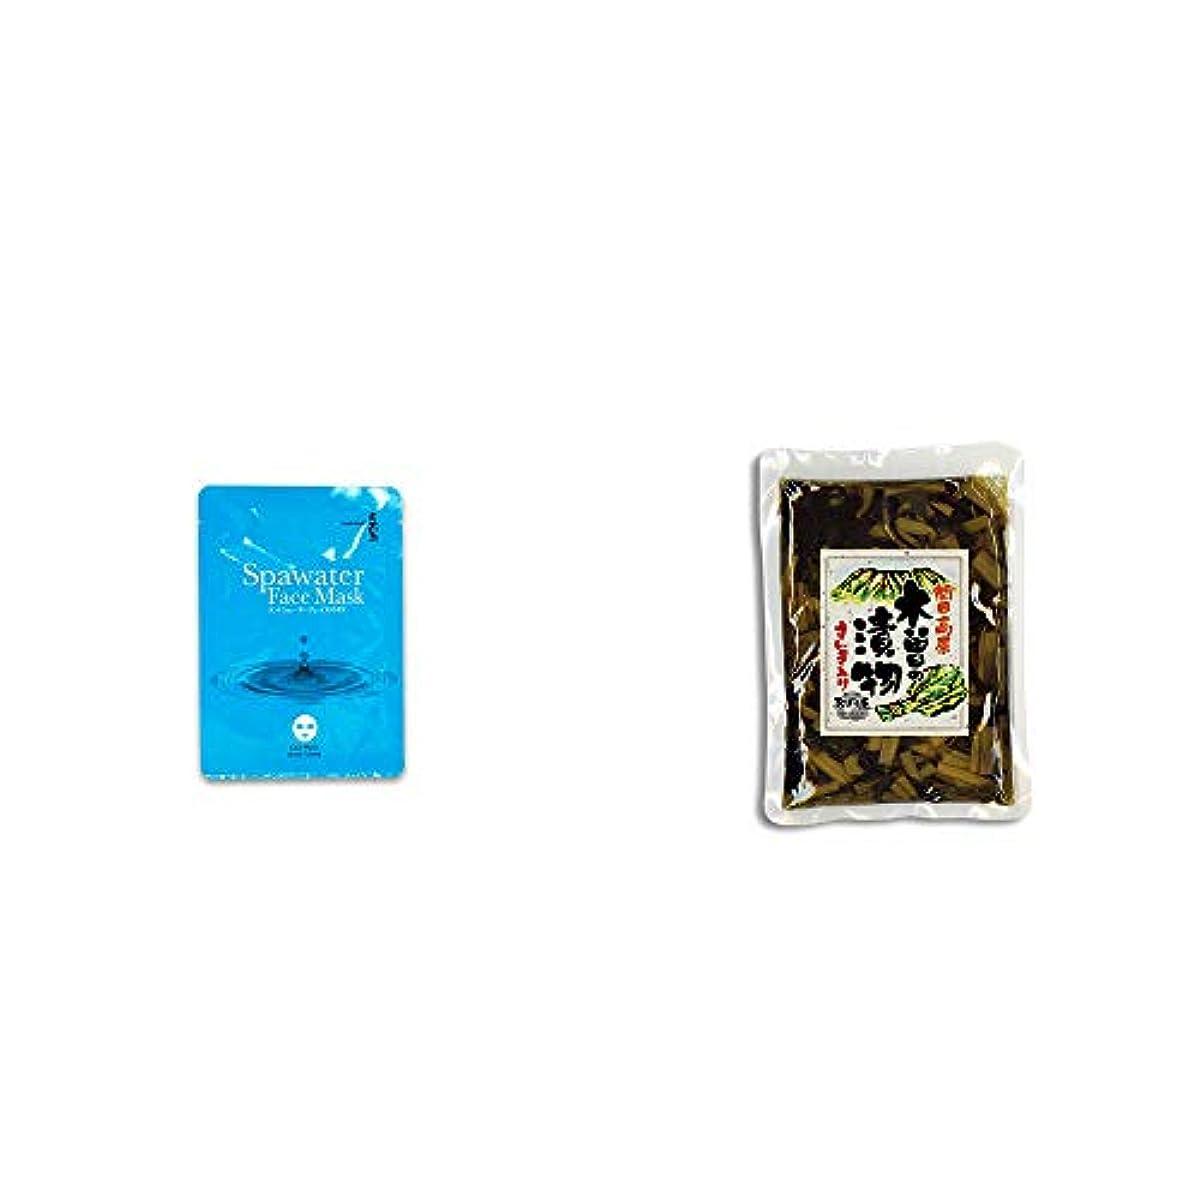 ドロップ噂残る[2点セット] ひのき炭黒泉 スパウォーターフェイスマスク(18ml×3枚入)?【年中販売】木曽の漬物 すんき入り(200g) / すんき漬け味付加工品 //